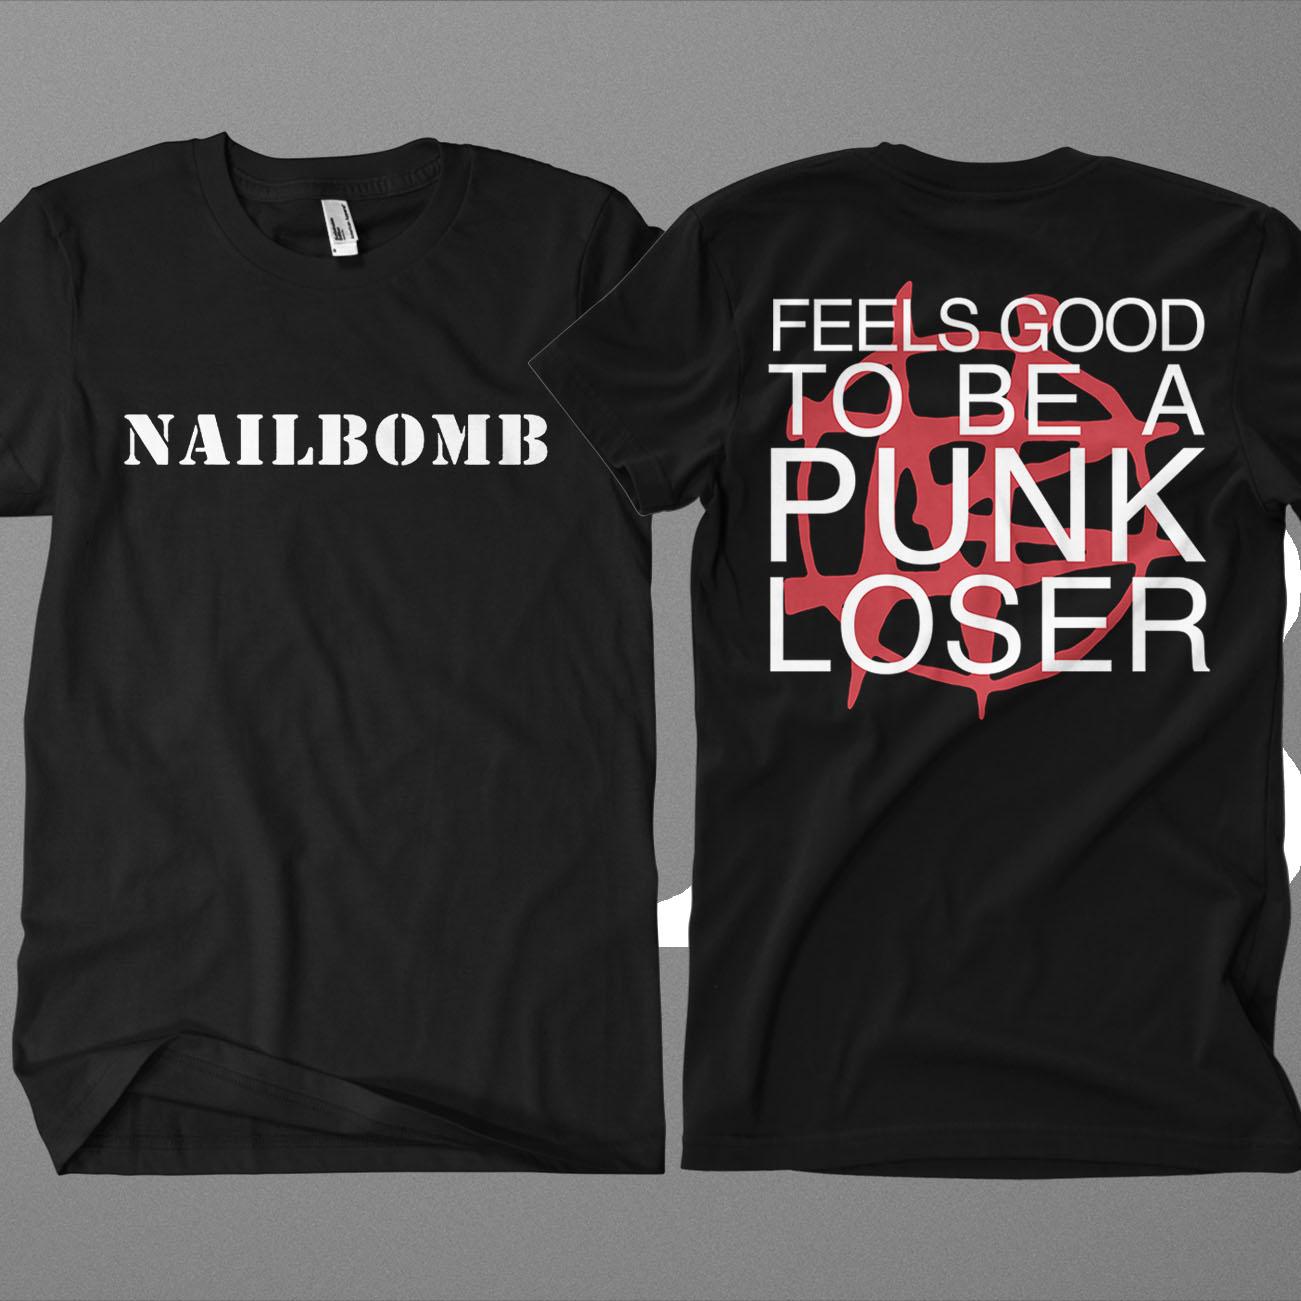 Nailbomb - 'Punk Loser' T-Shirt - Soulfly